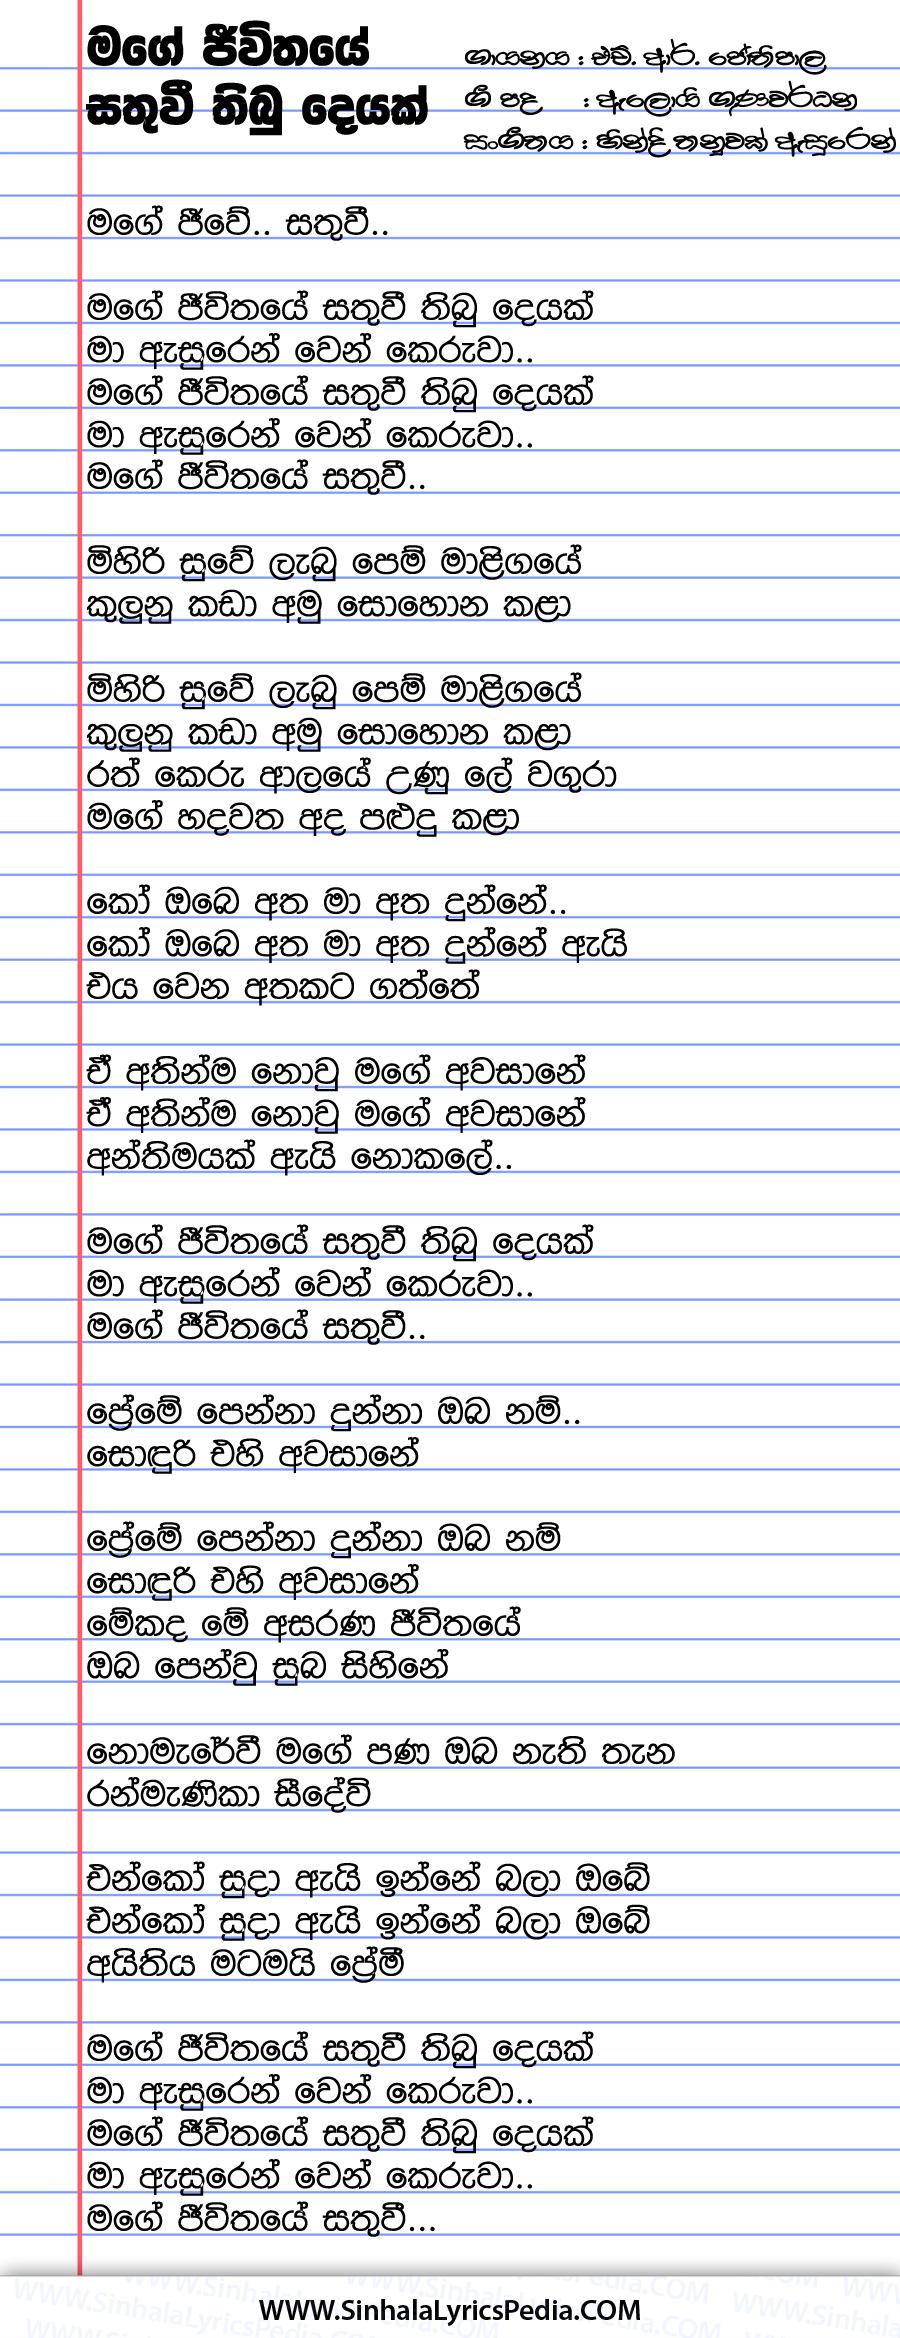 Mage Jeewithaye Sathu Wee Thibu Deyak Song Lyrics